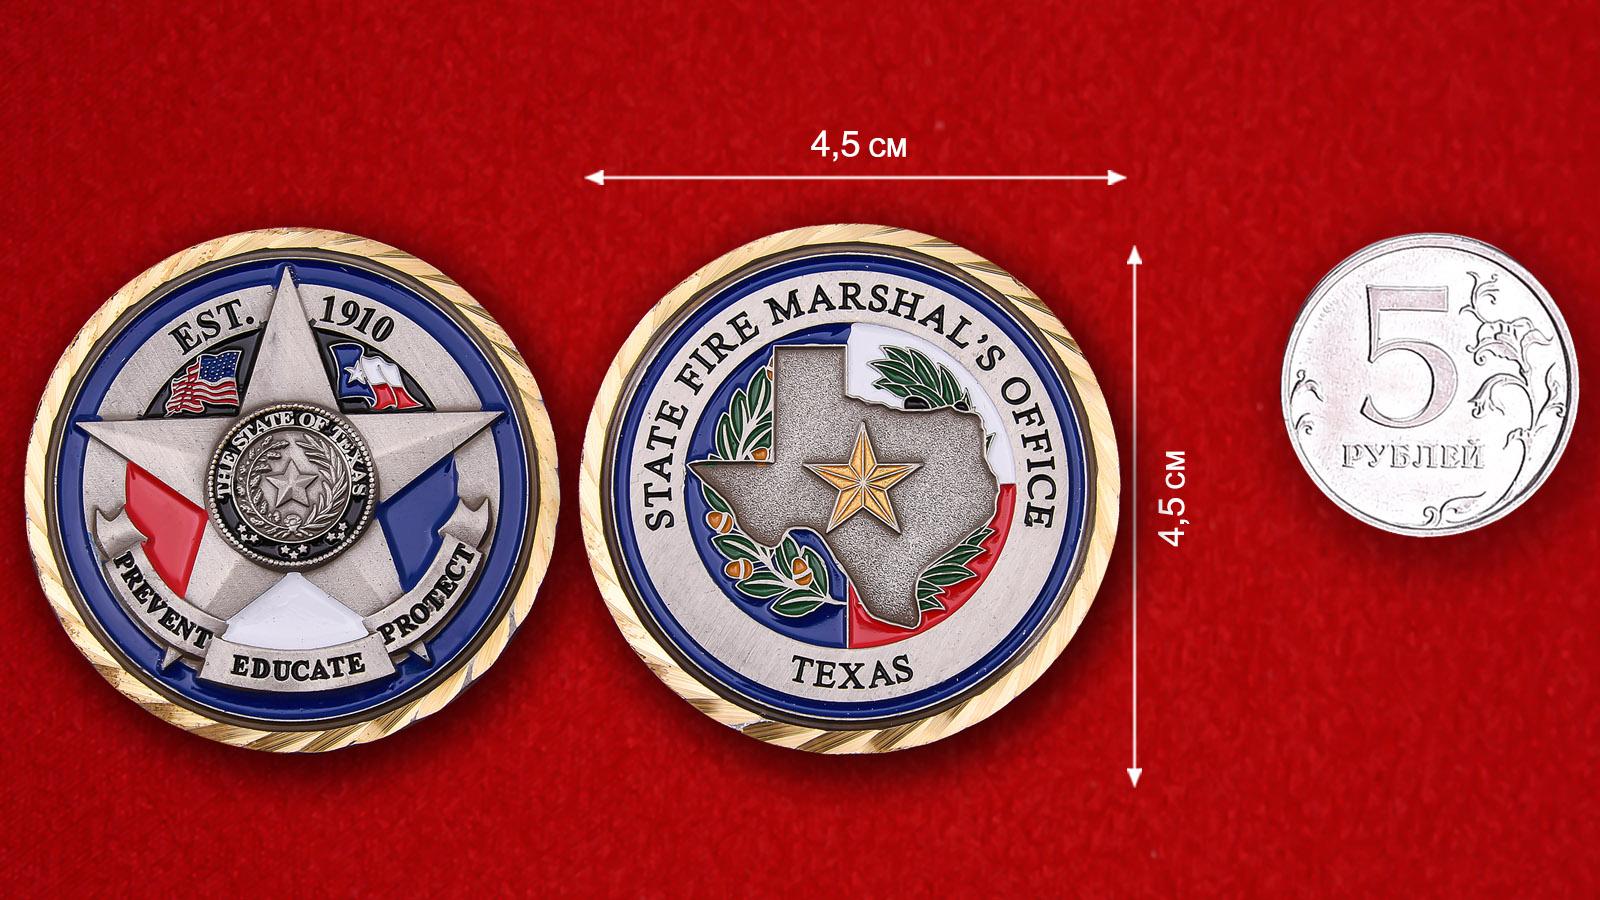 """Челлендж коин Челлендж коин Госпожарнадзора штата Техас штата Техас"""" - сравнительный размер"""